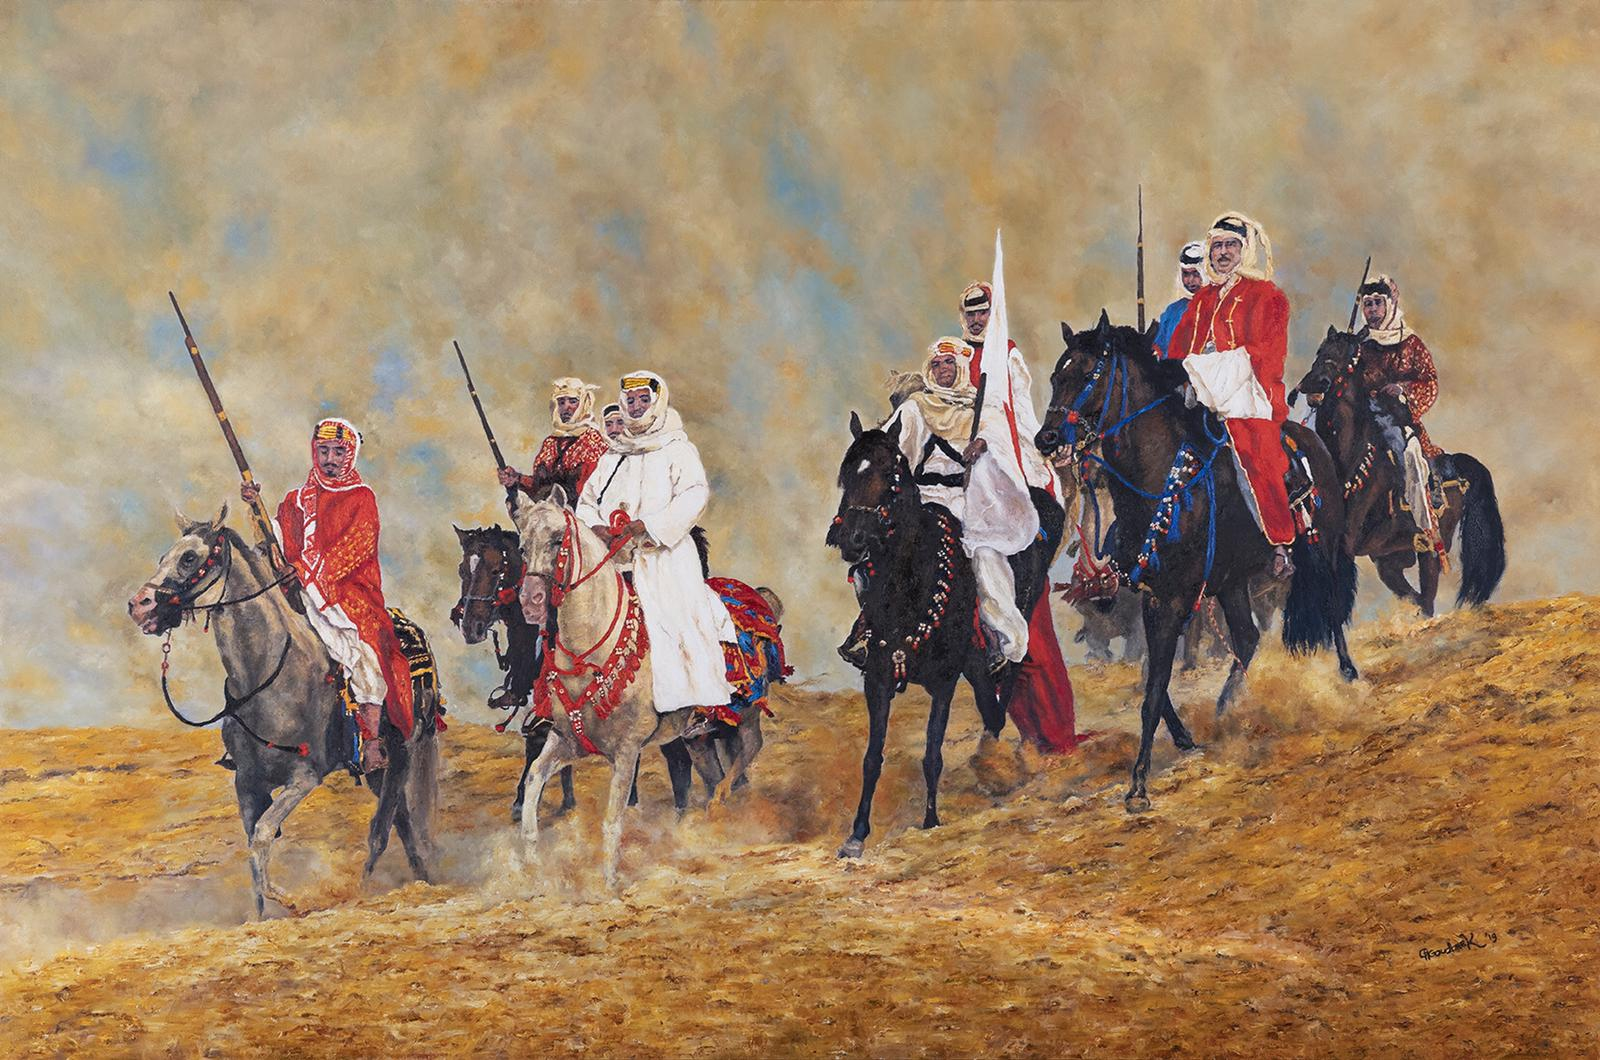 'A traditional Bahraini desert scene'